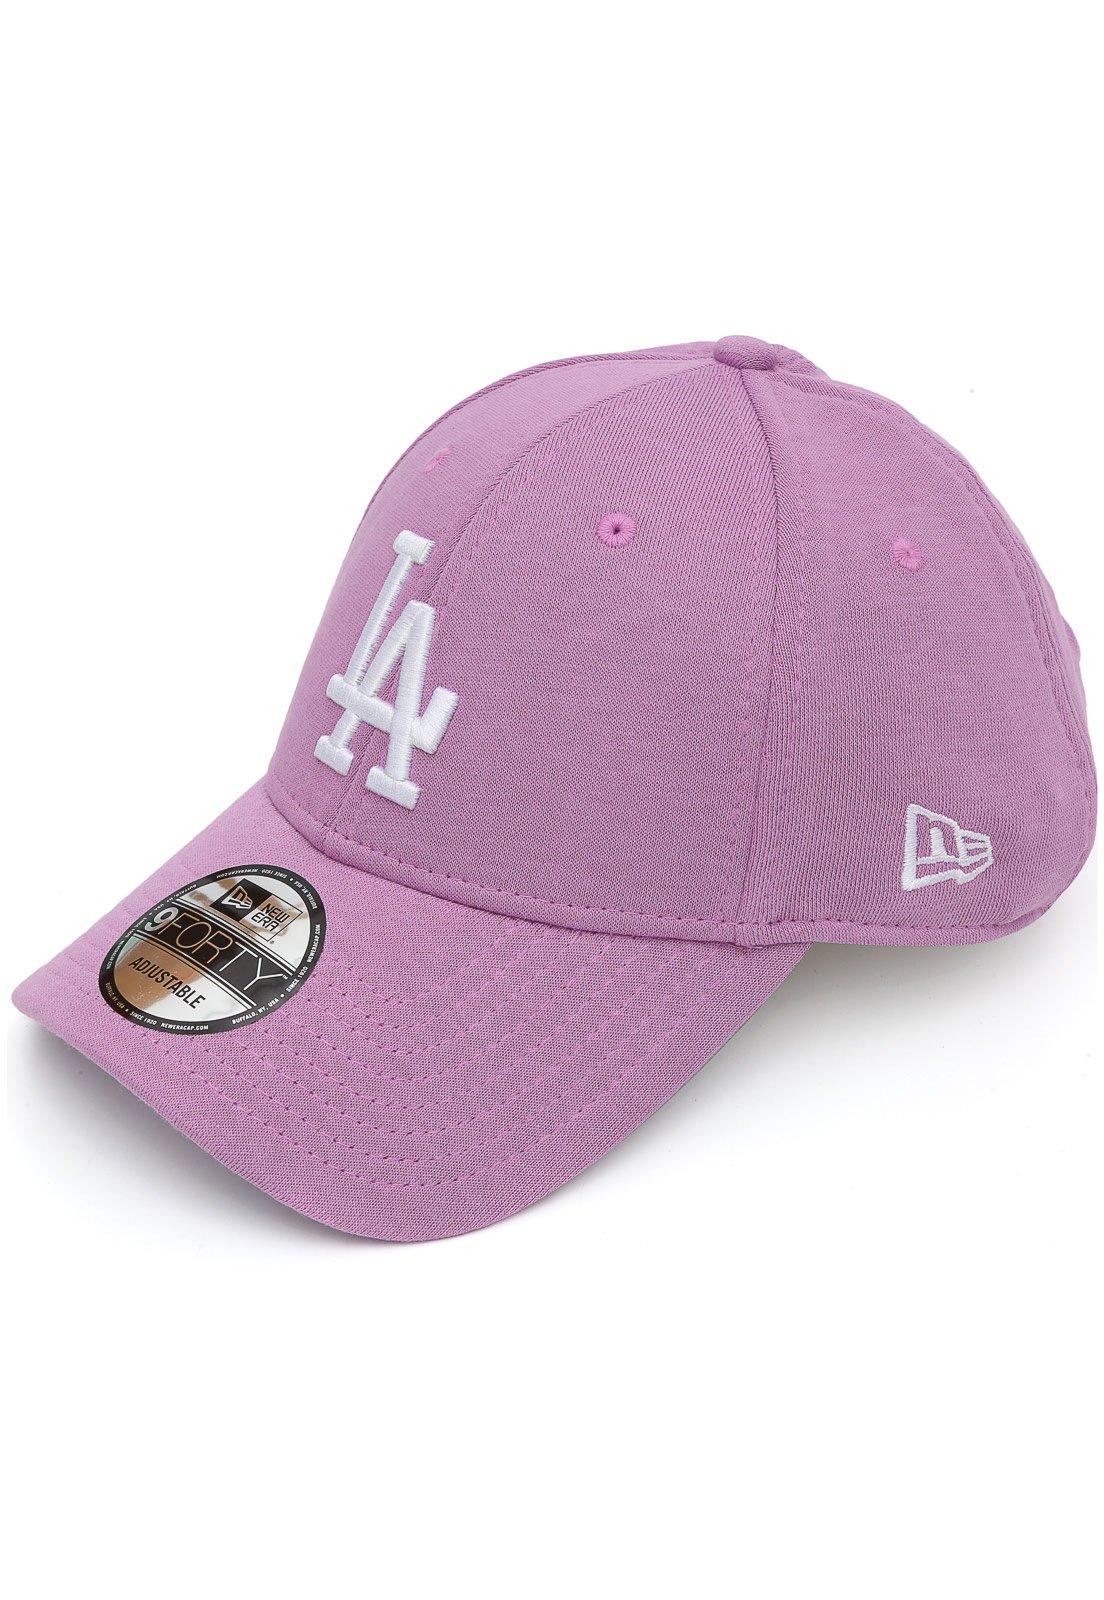 Boné New Era Los Angeles Dodgers Mlb Roxo - Compre Agora